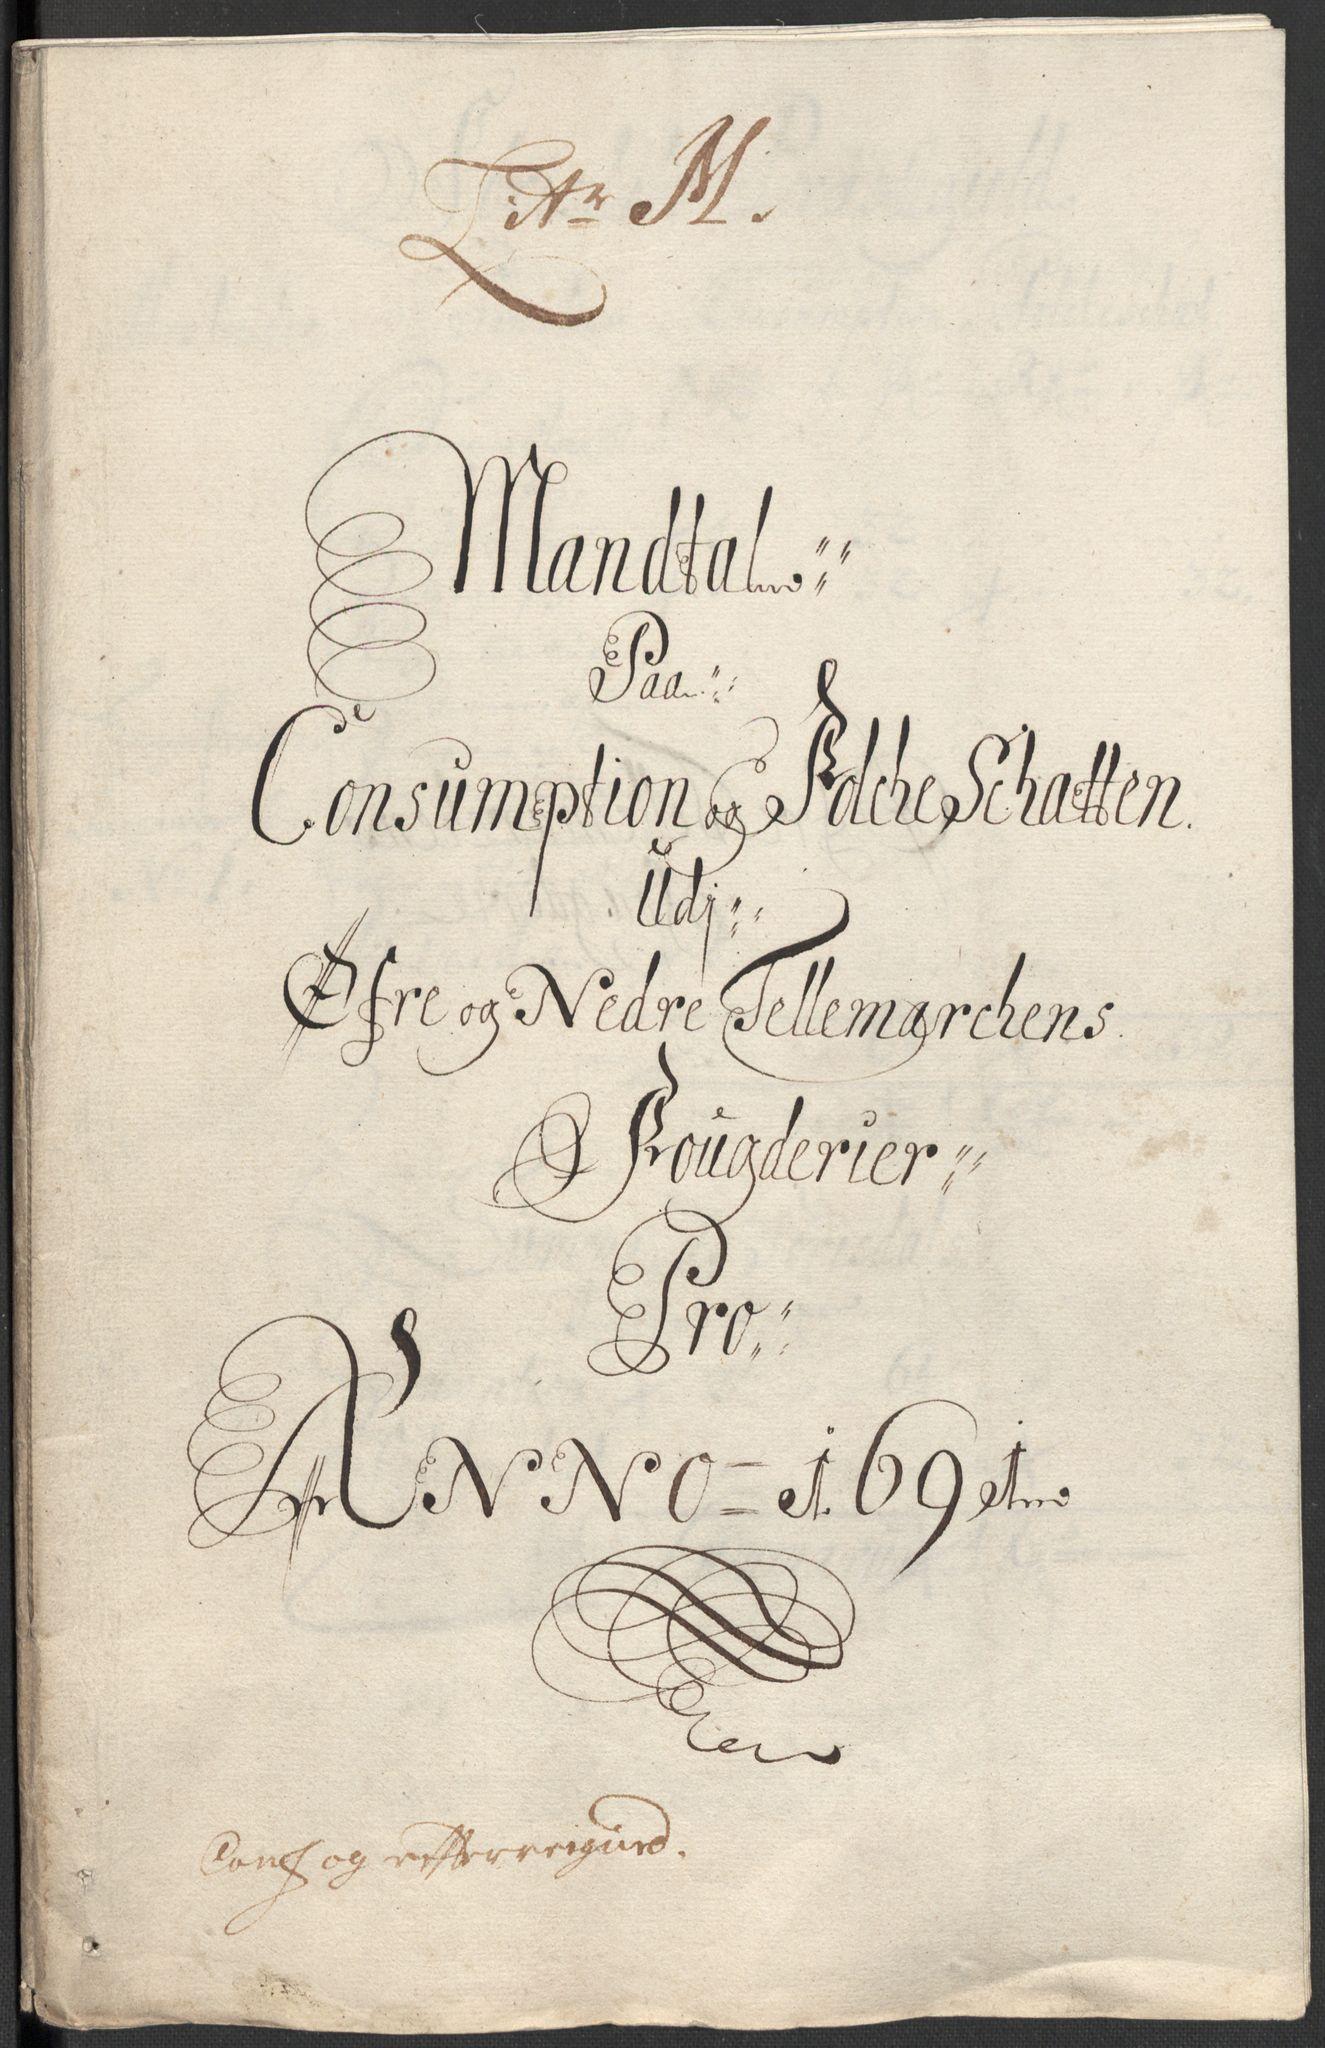 RA, Rentekammeret inntil 1814, Reviderte regnskaper, Fogderegnskap, R35/L2089: Fogderegnskap Øvre og Nedre Telemark, 1690-1692, s. 423